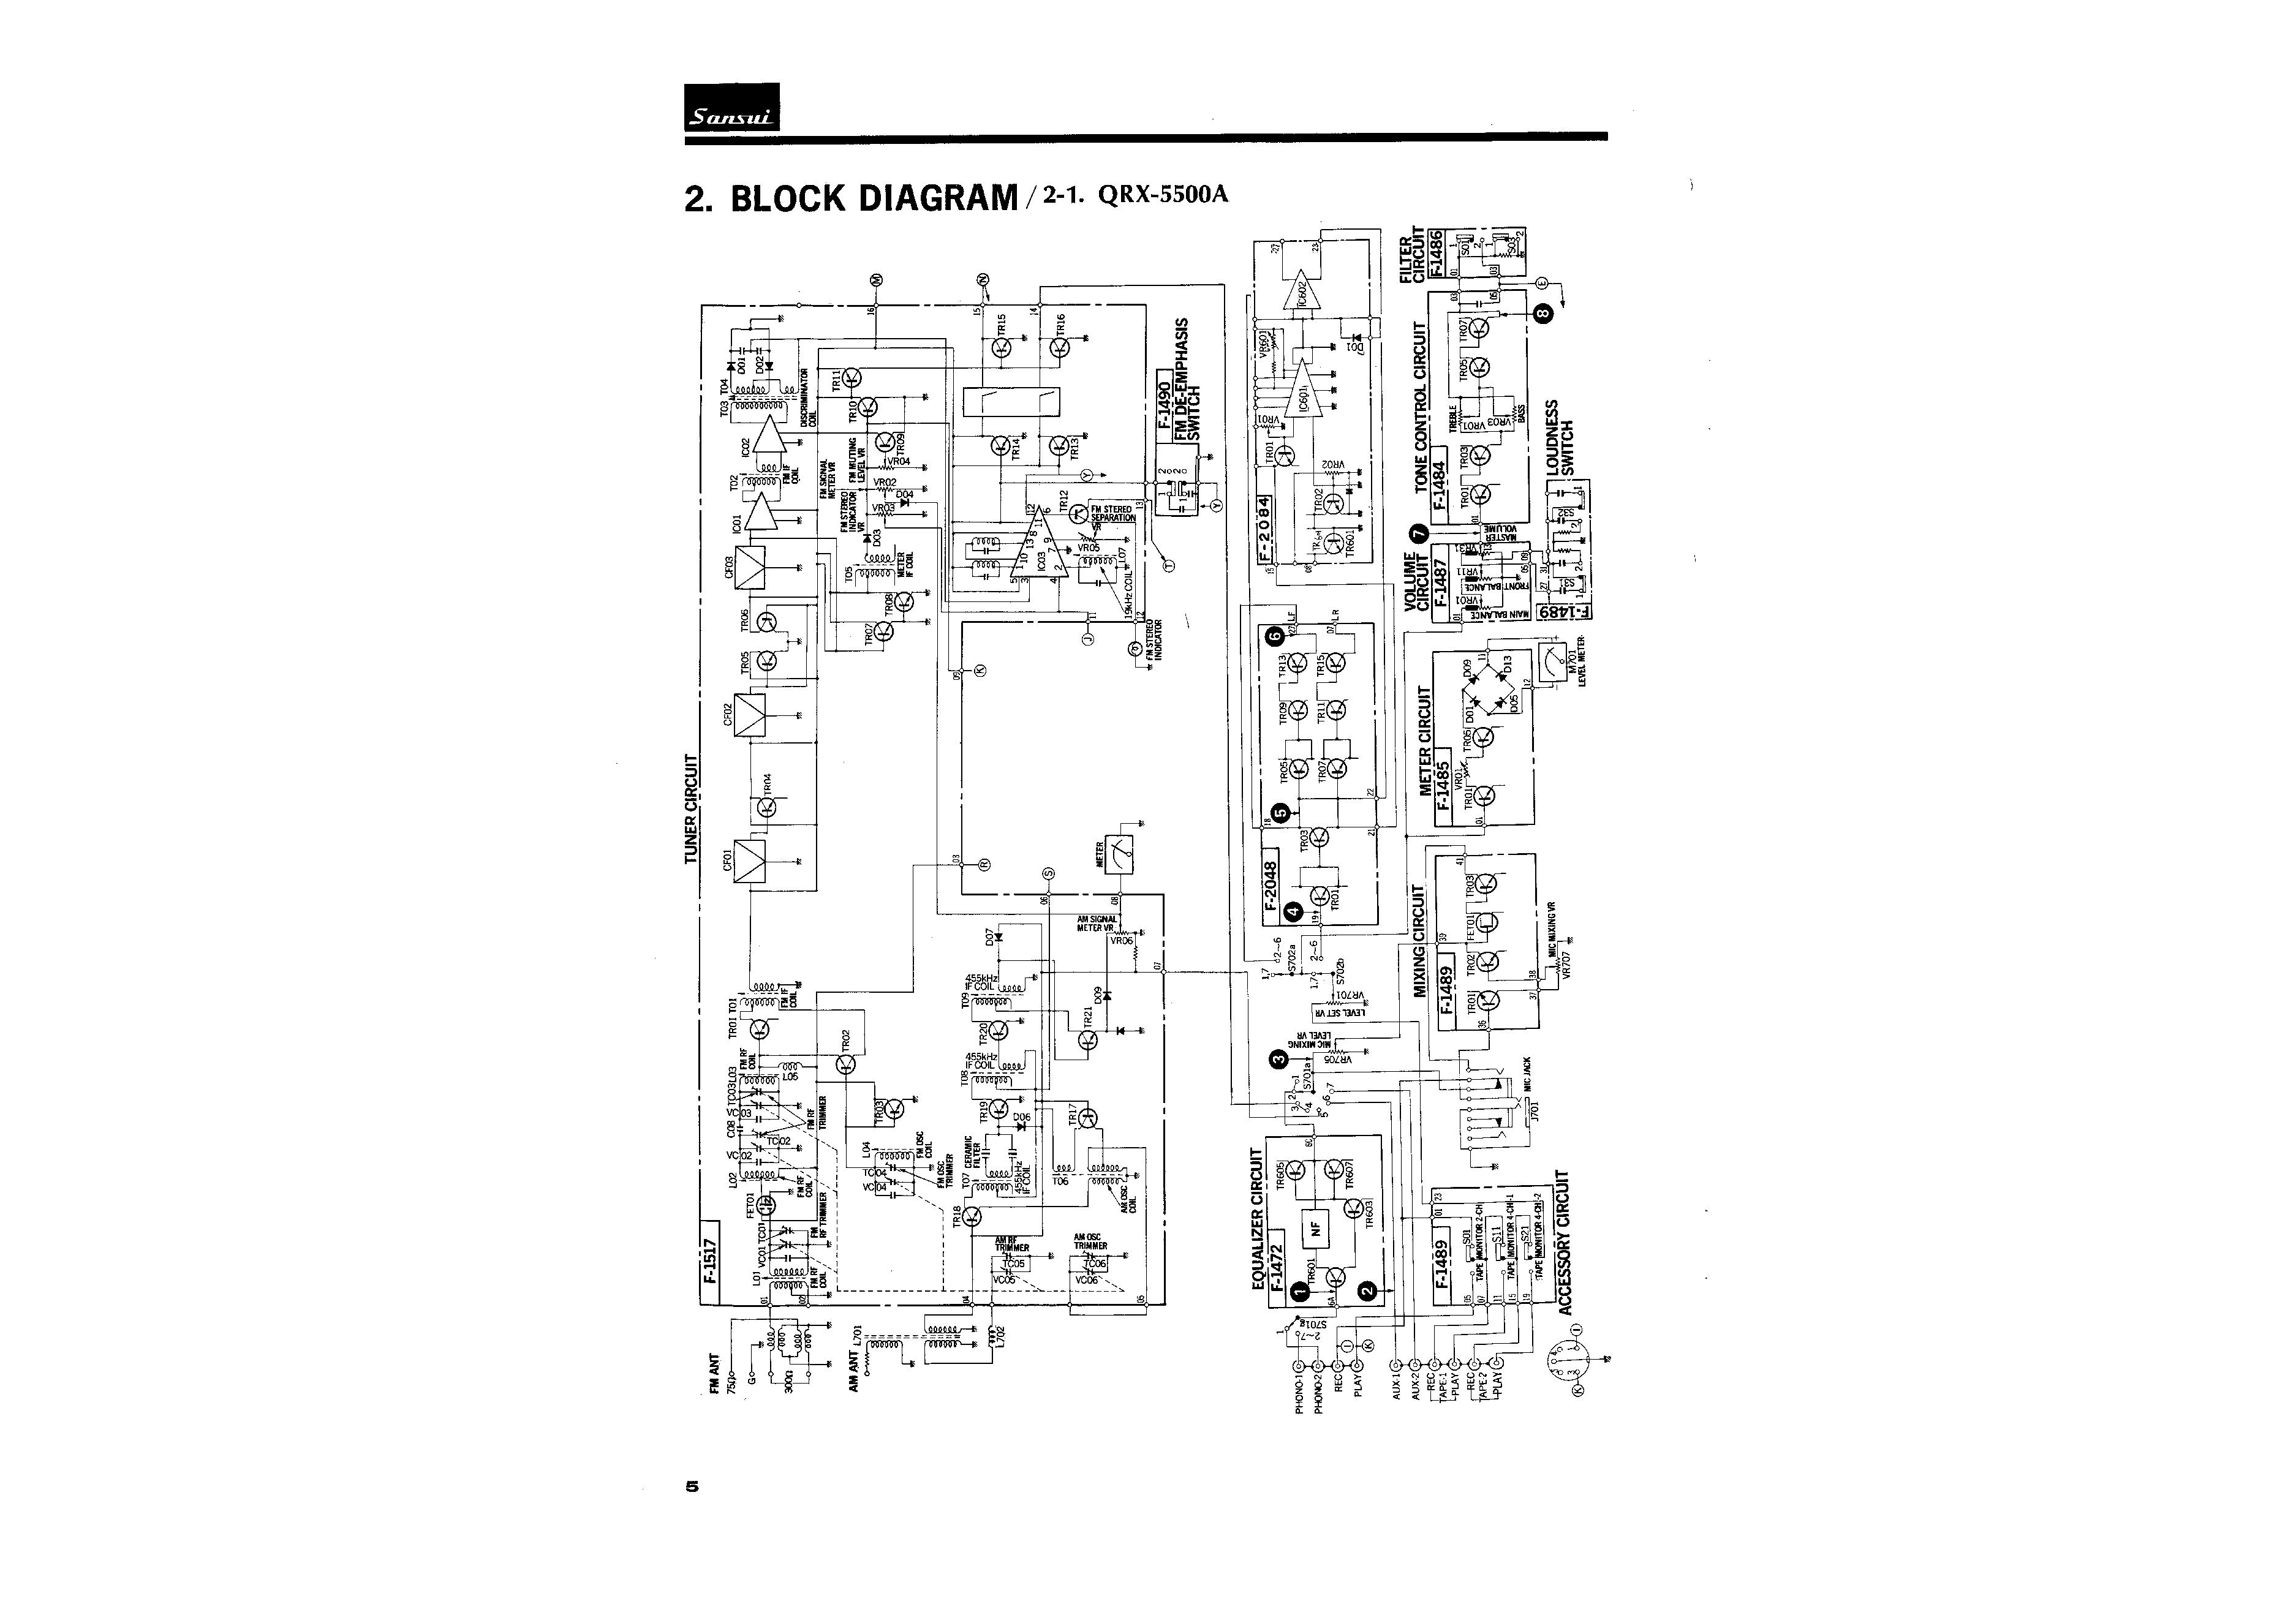 service manual for sansui qrx-5500a